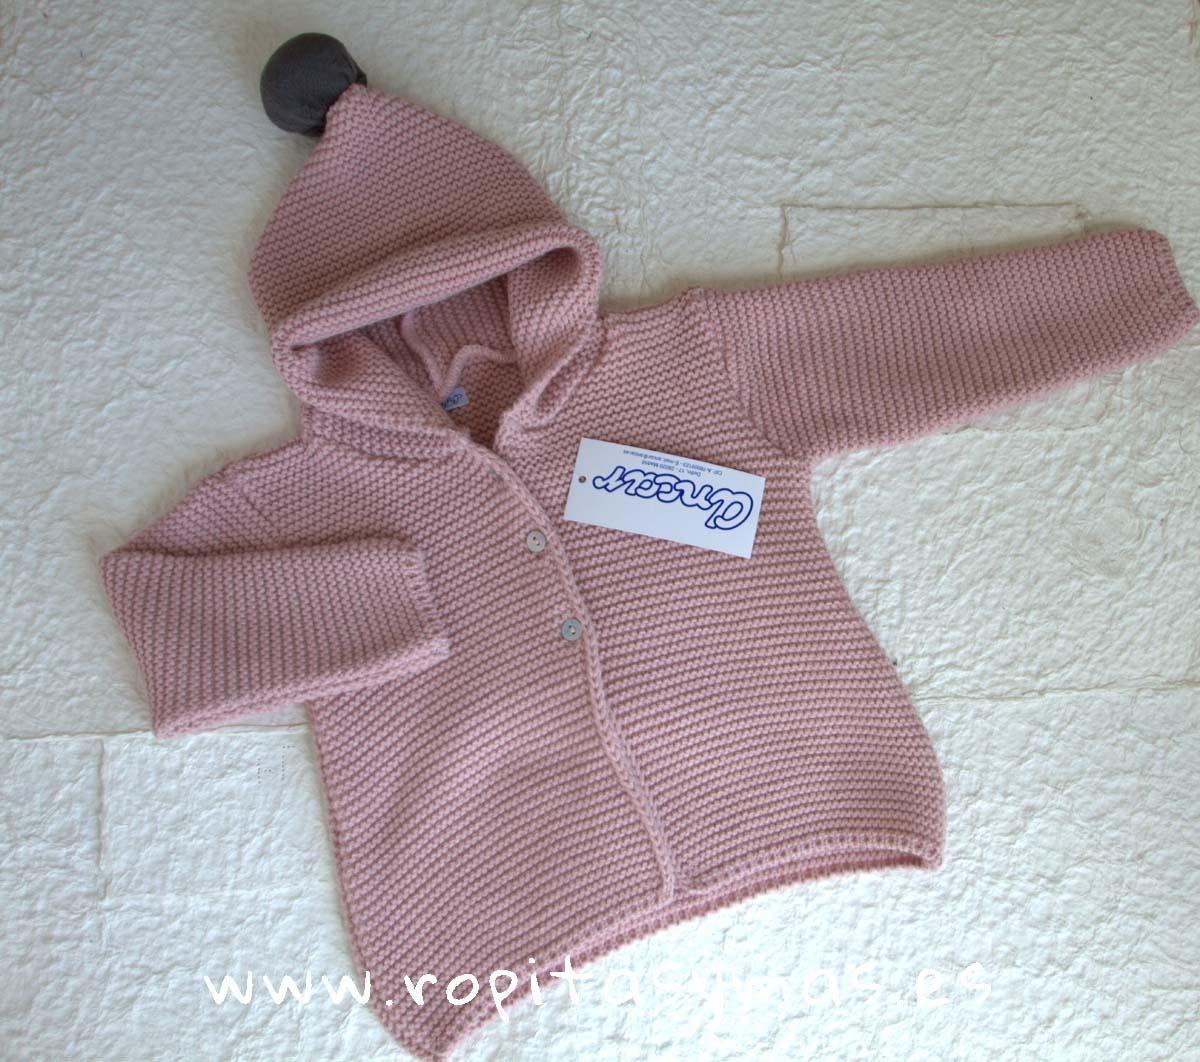 Chaqueta capucha rosa empolvado de Ancar